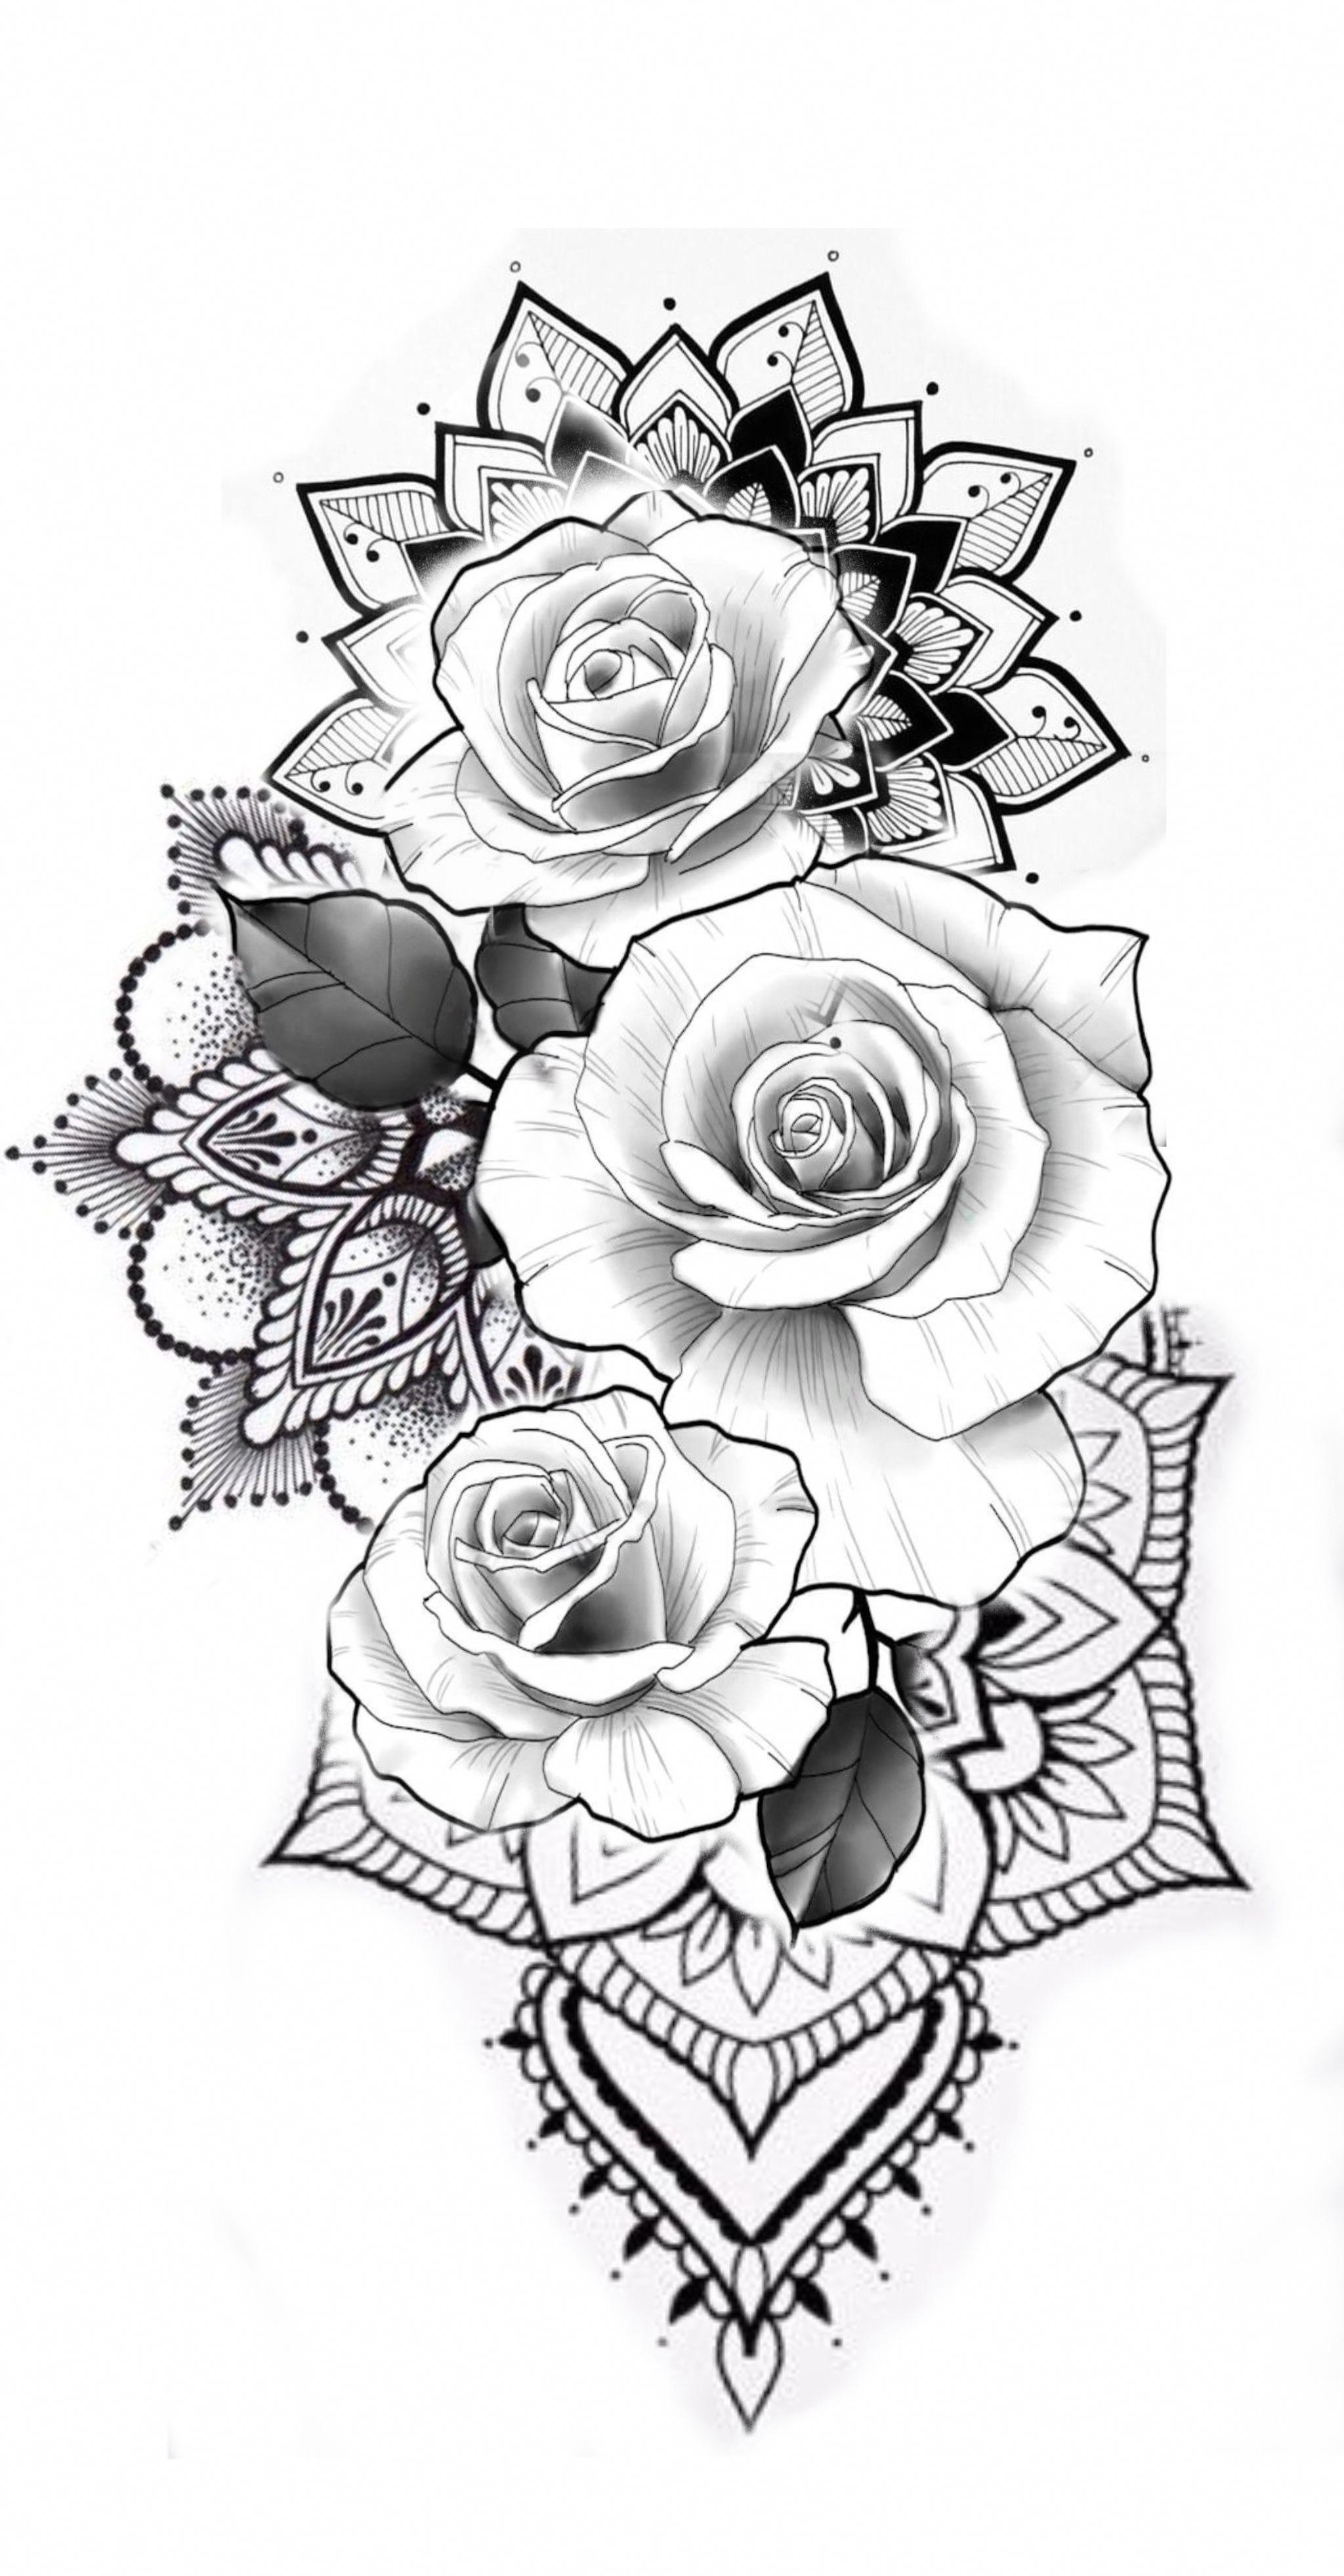 Illustrative Tattoo Mandalatattoo Half Sleeve Tattoos Designs Tattoo Sleeve Designs Floral Tattoo Design